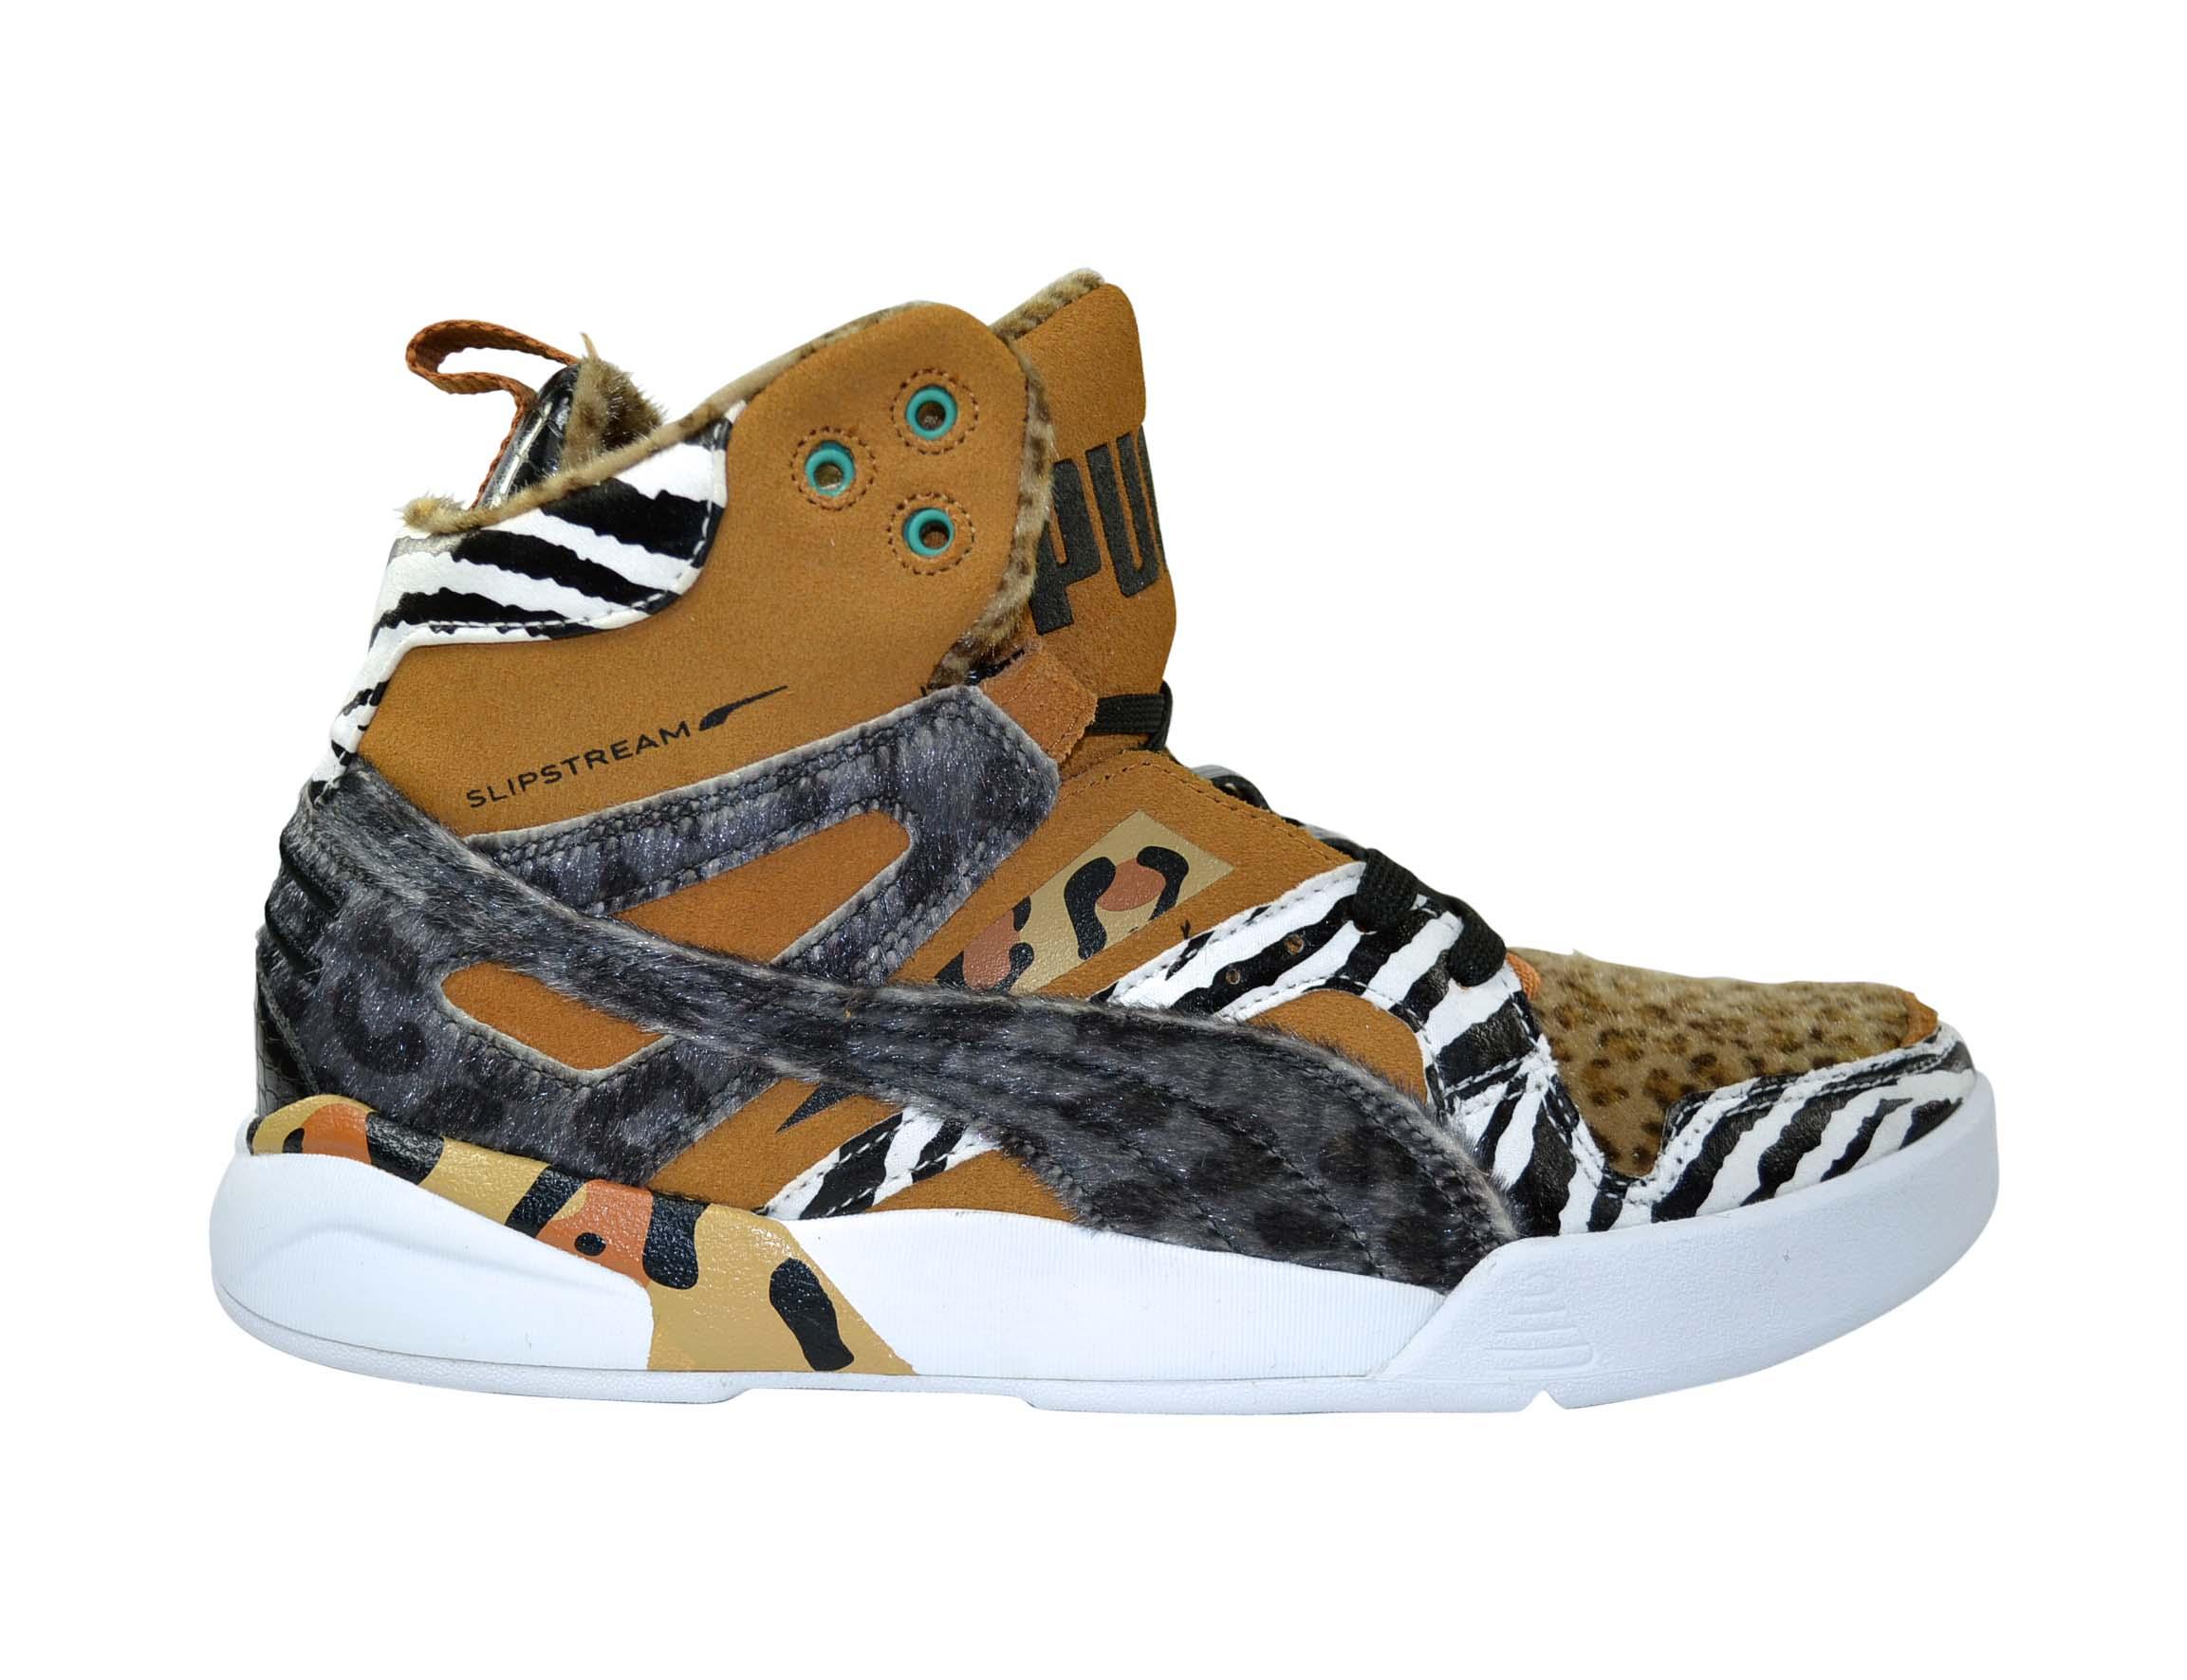 Detalles de Puma Future Trinomic Slipstream Lite Zb Blanco Black ZapatosSneaker 355657 01